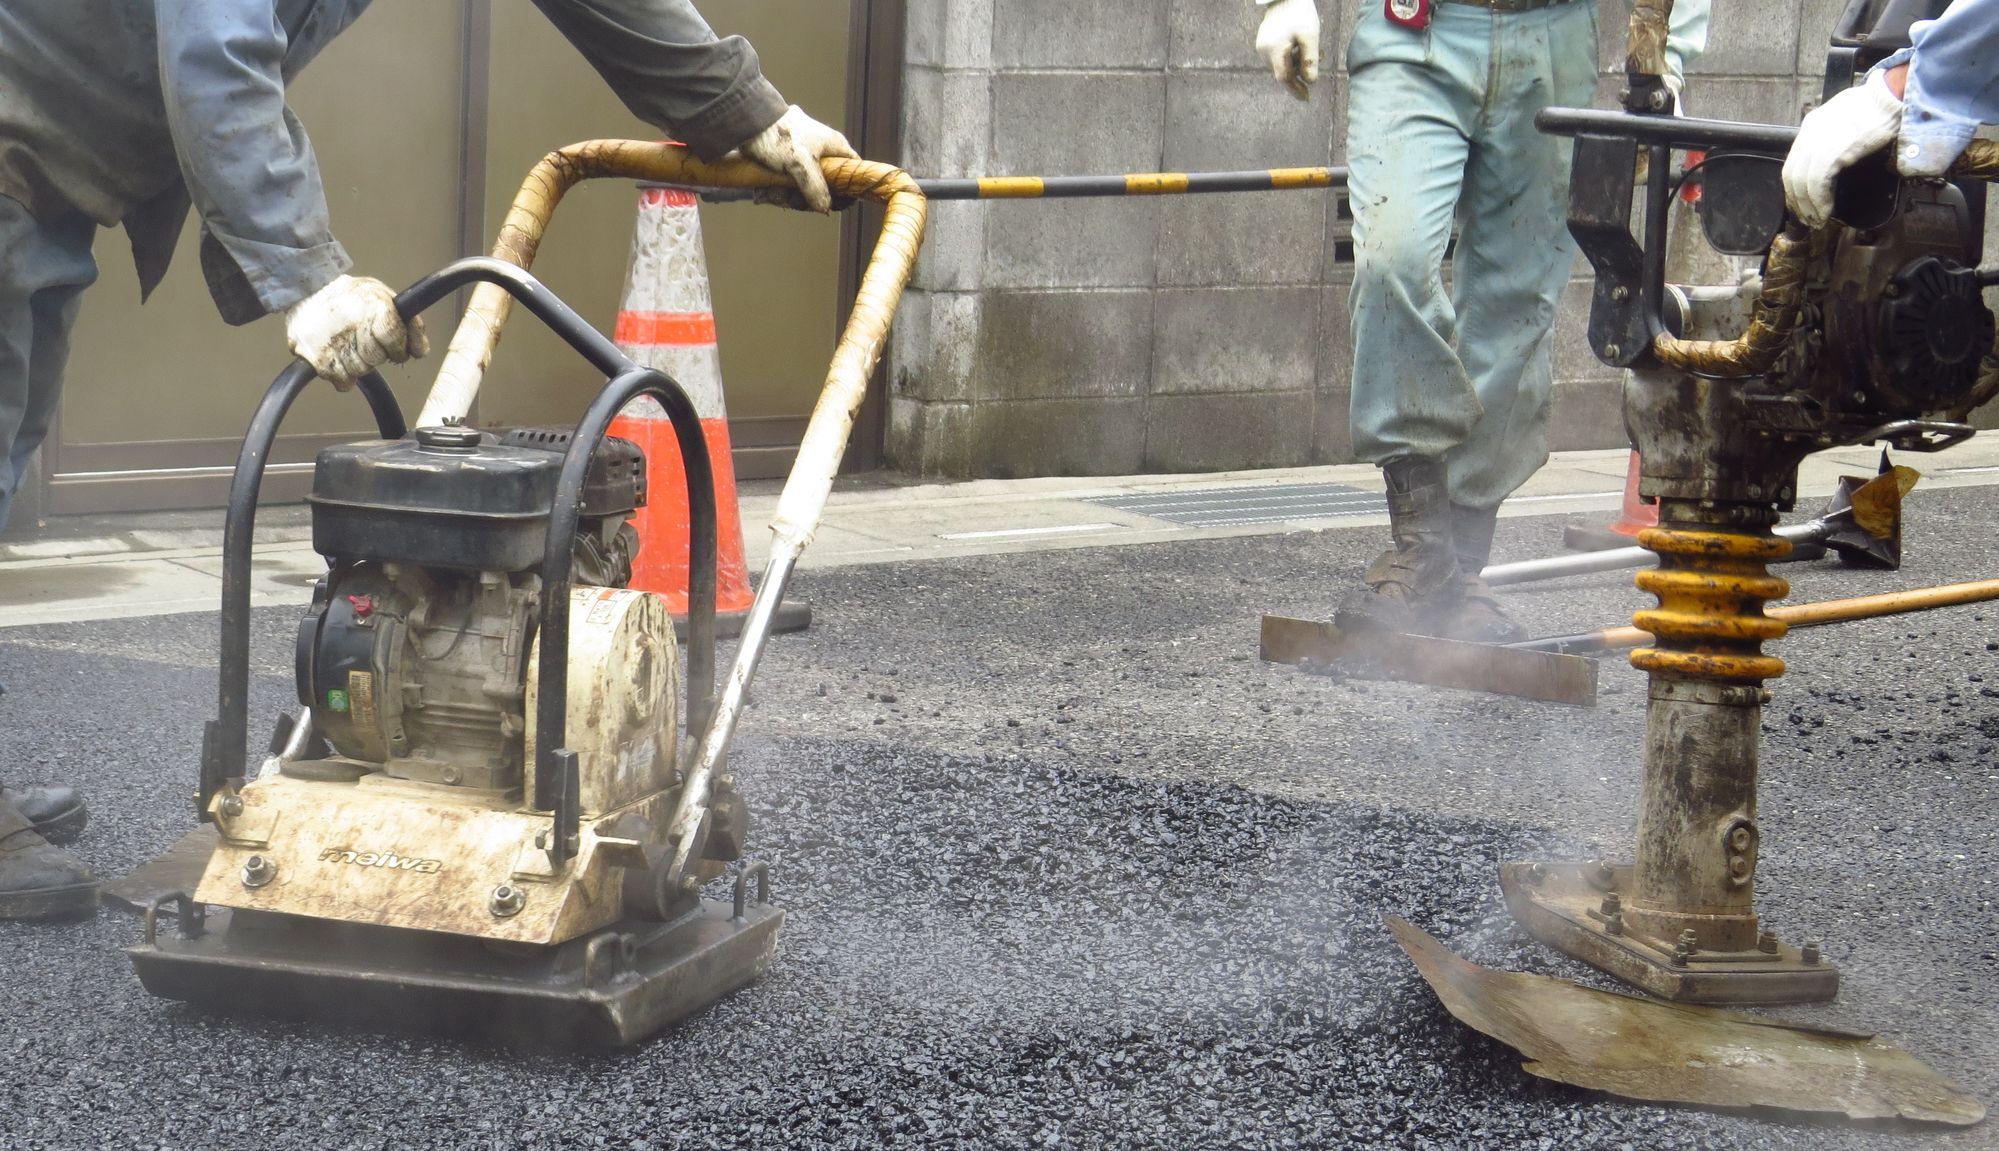 舗装、外構工事のグロース建設株式会社